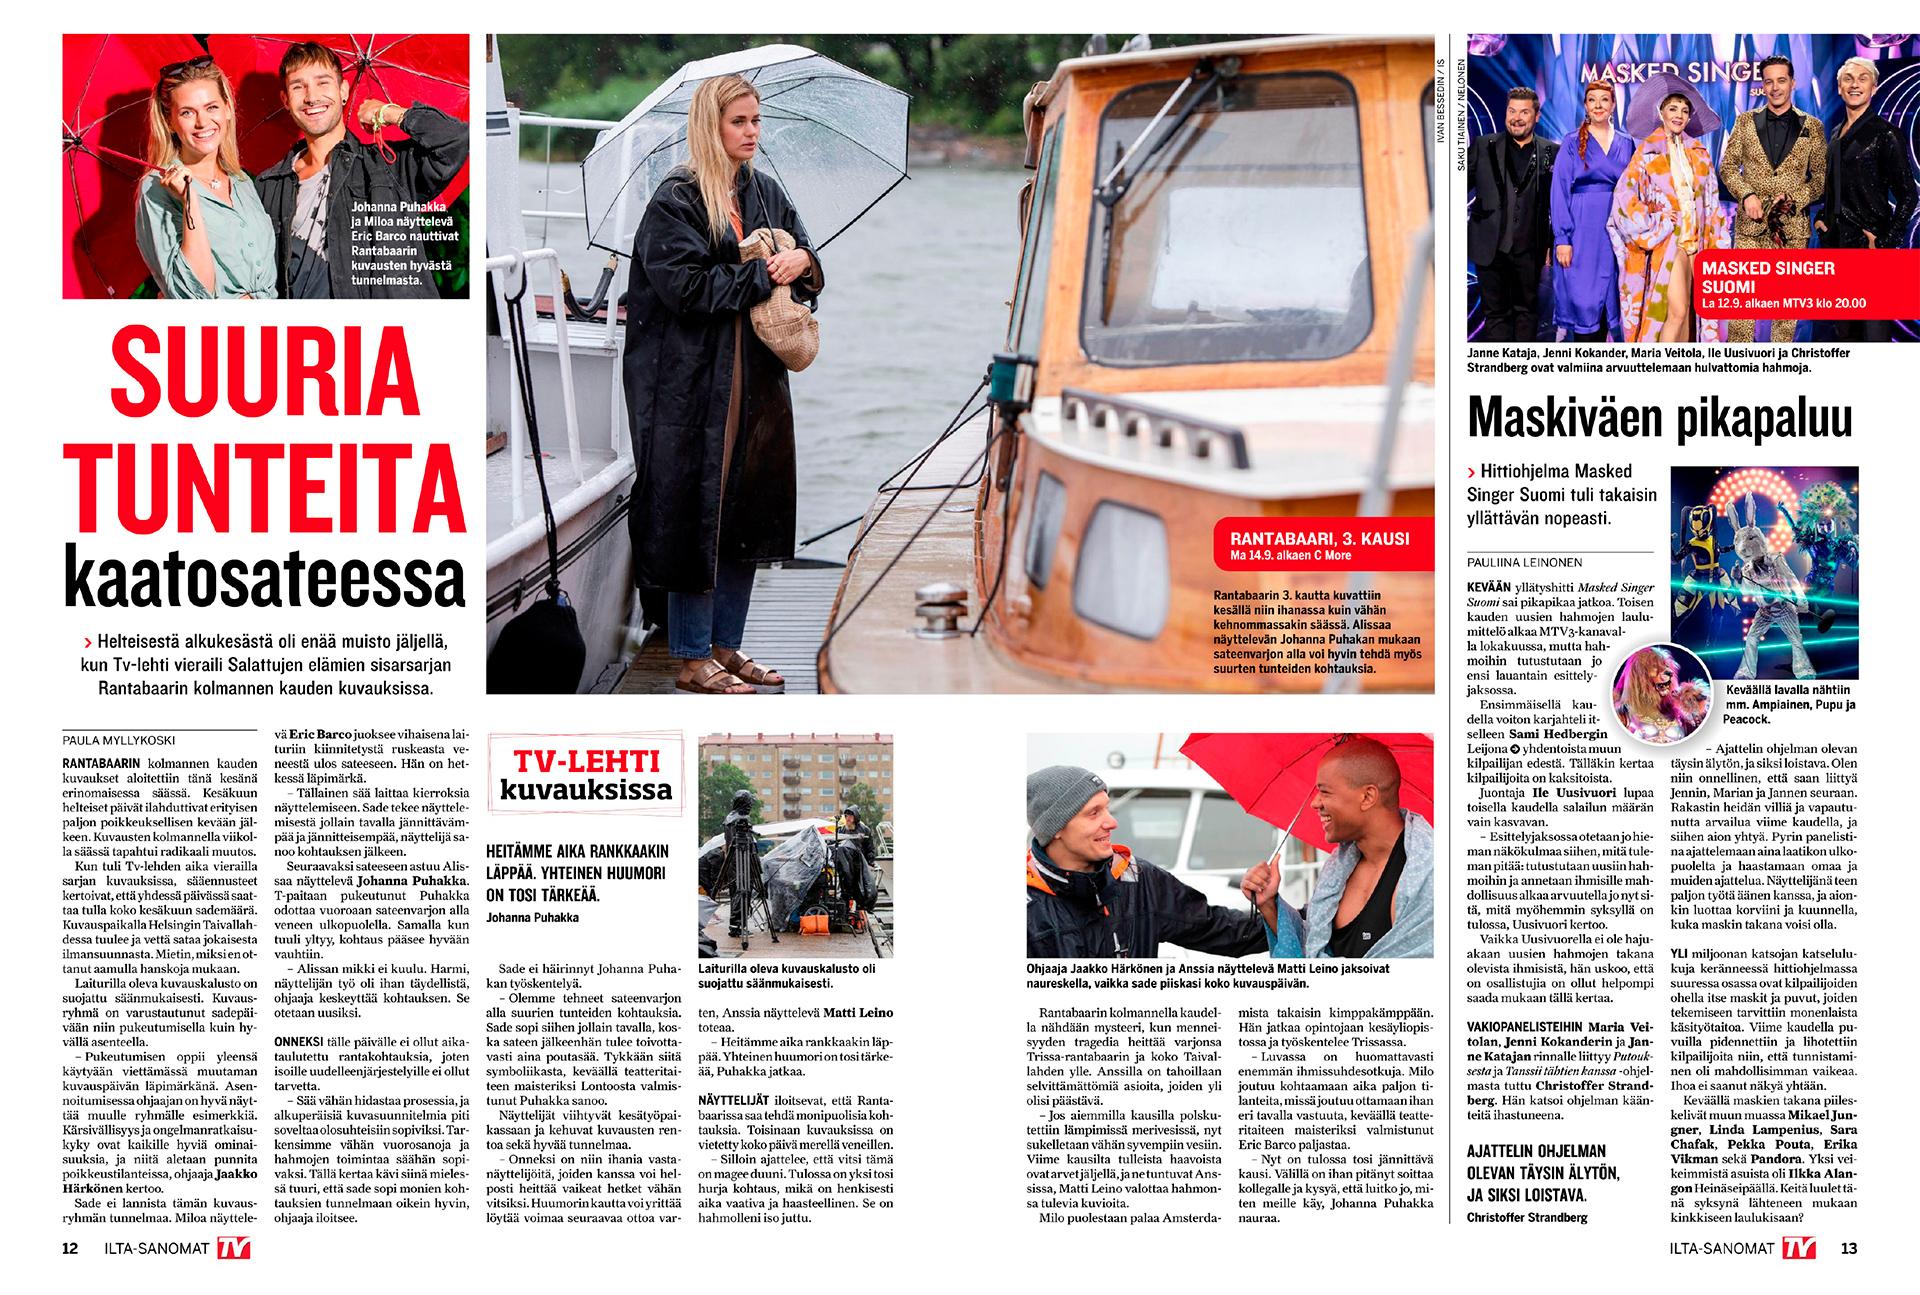 Ilta-Sanomat, TV lehti, 2020, Rantabaari. Johanna Puhakka, Eric Barco, Matti Leino, Rantabaari, Salatut elämät, Salkkarit spin-off, näyttelijät